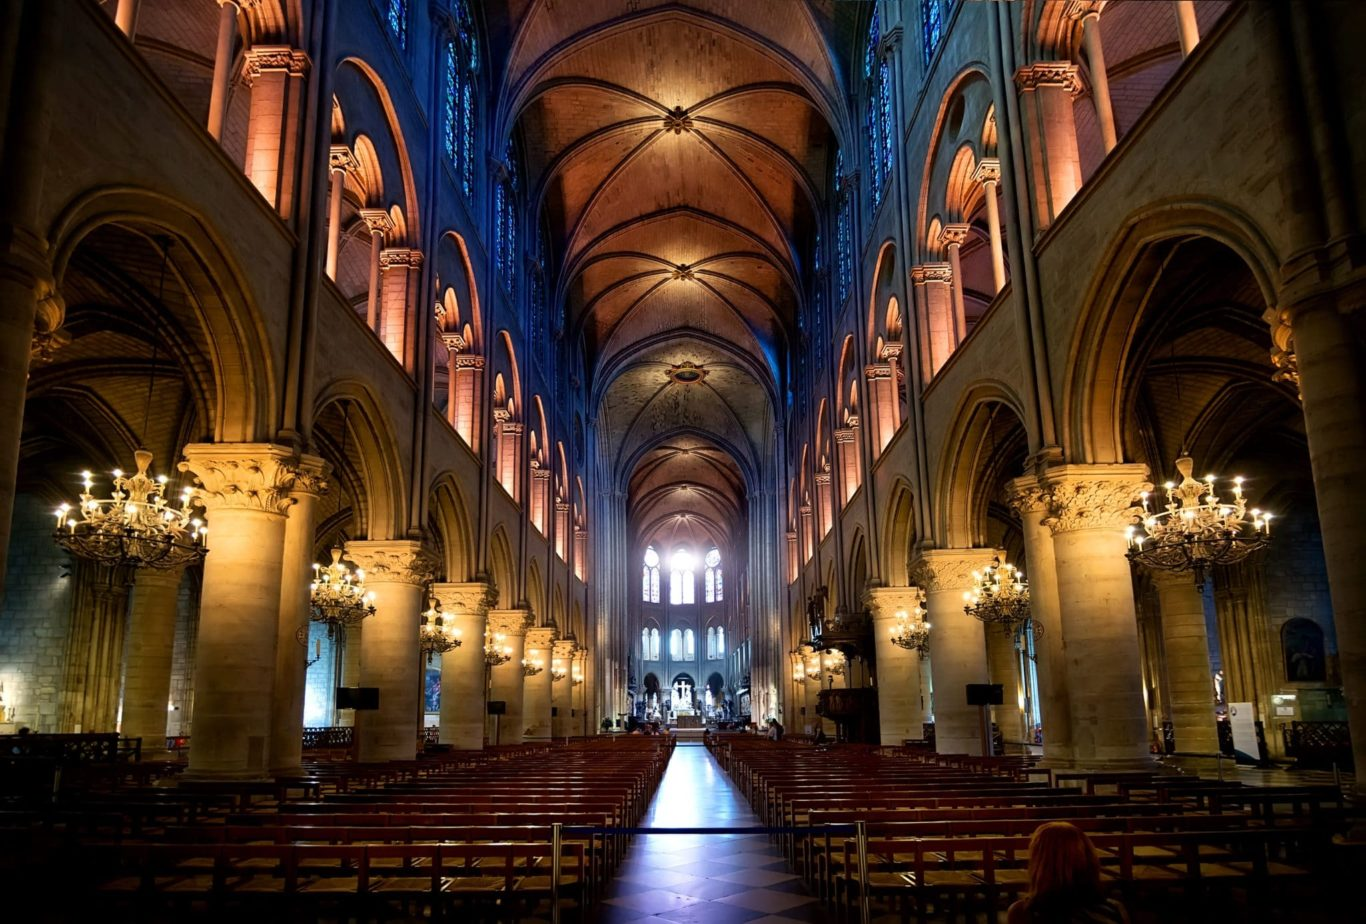 Das Innere einer Kathedrale